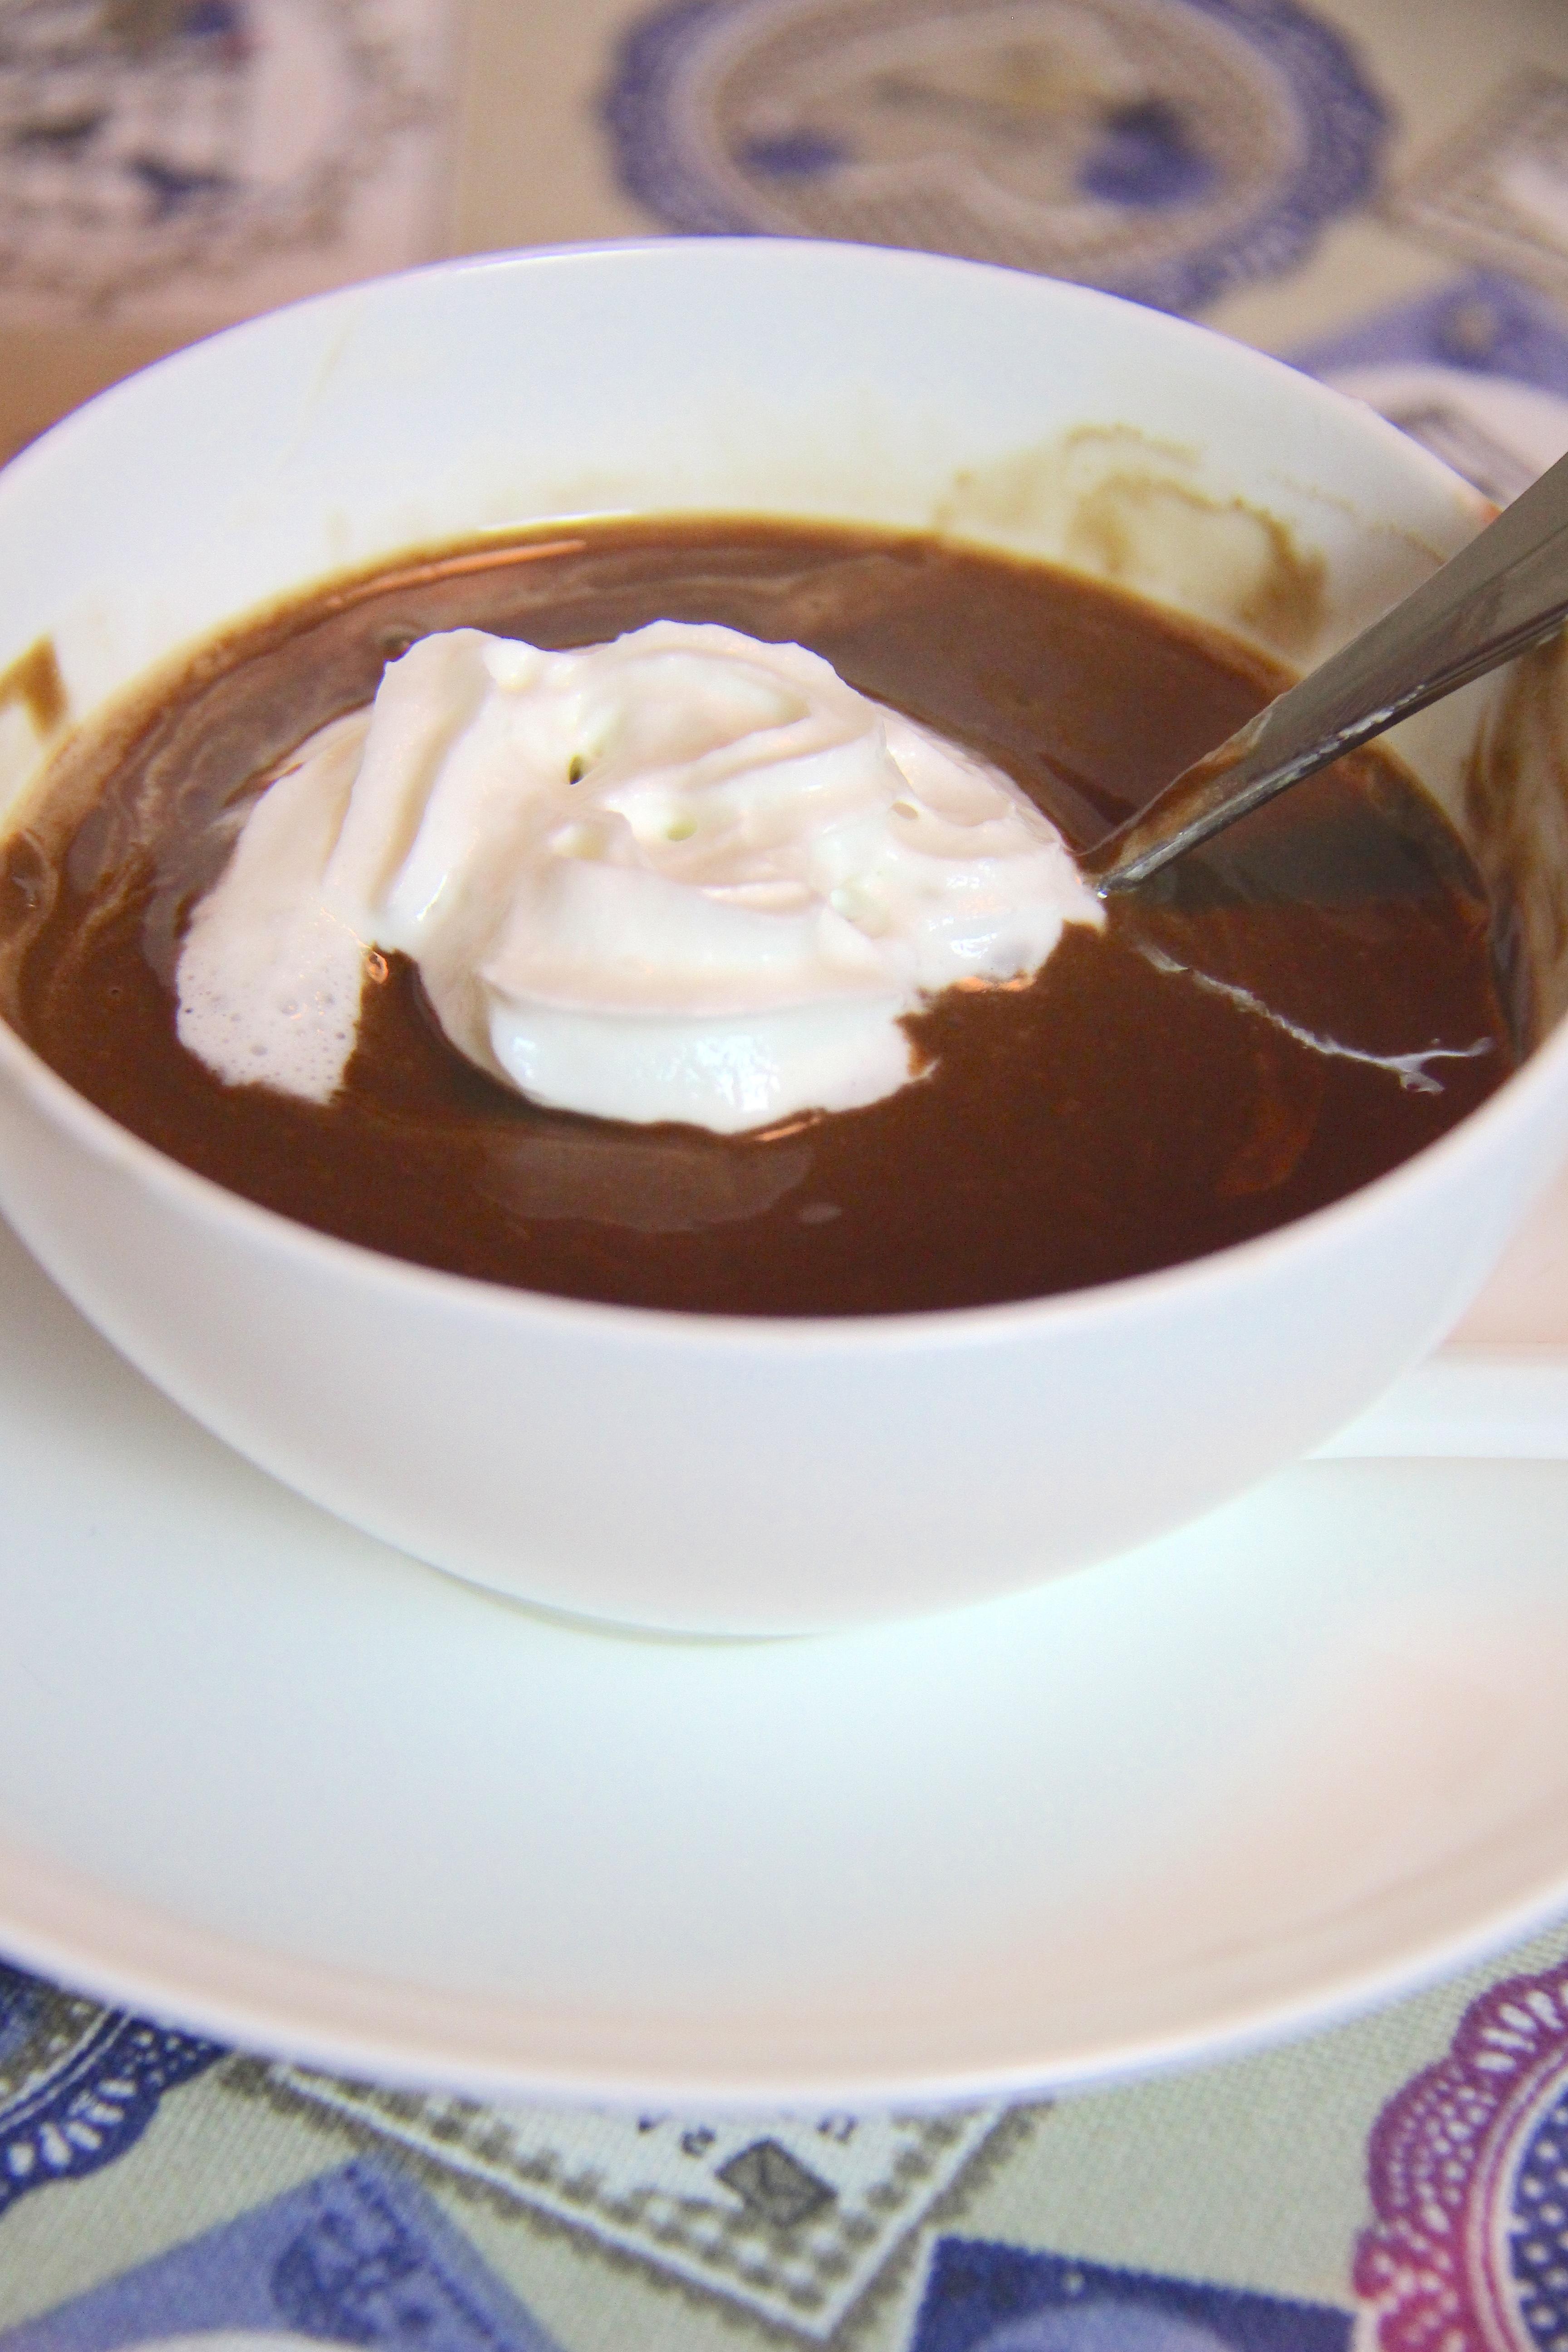 Cioccolata calda in tazza tipo Ciobar